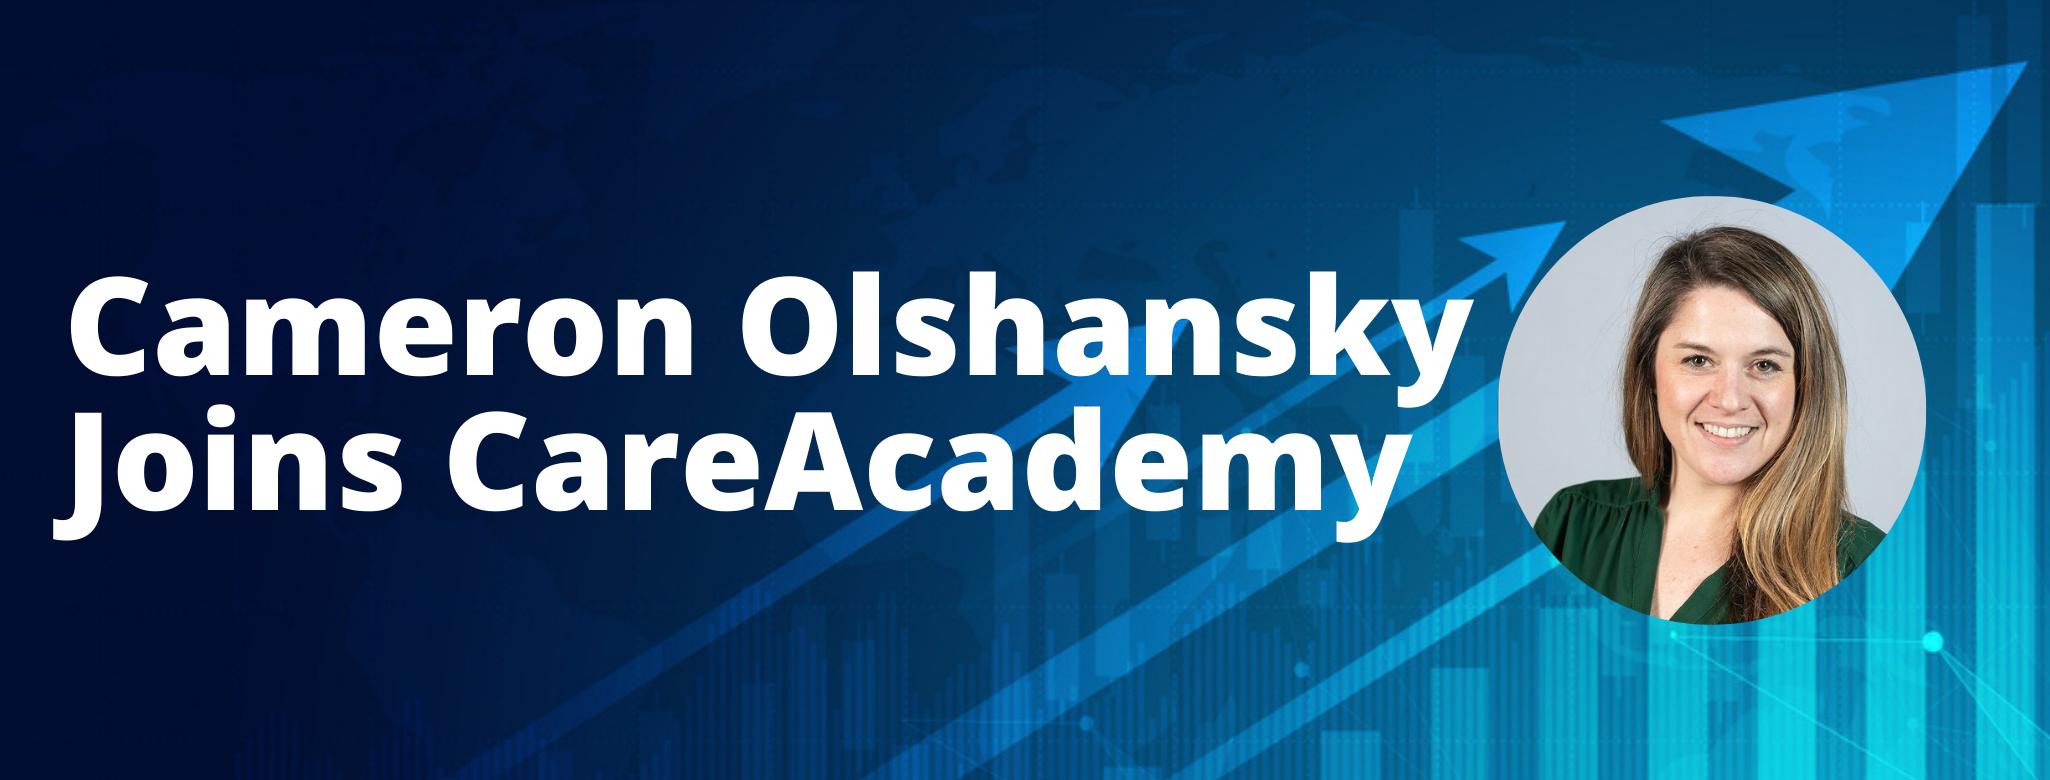 Cameron Olshansky Joins CareAcademy